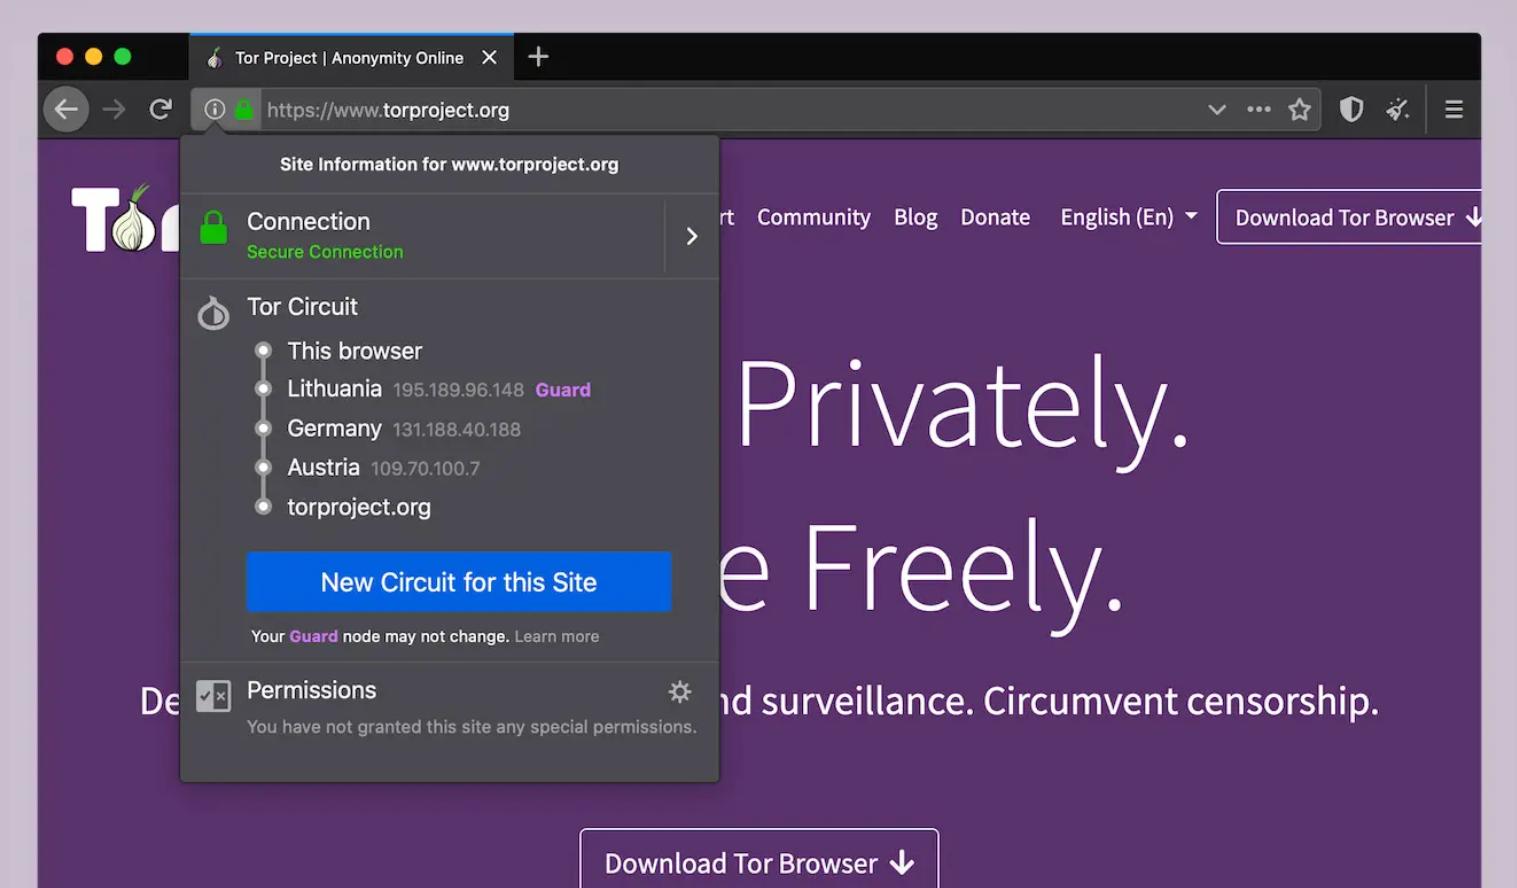 Der Tor Browser hilft beim Navigieren im Tor-Netzwerk